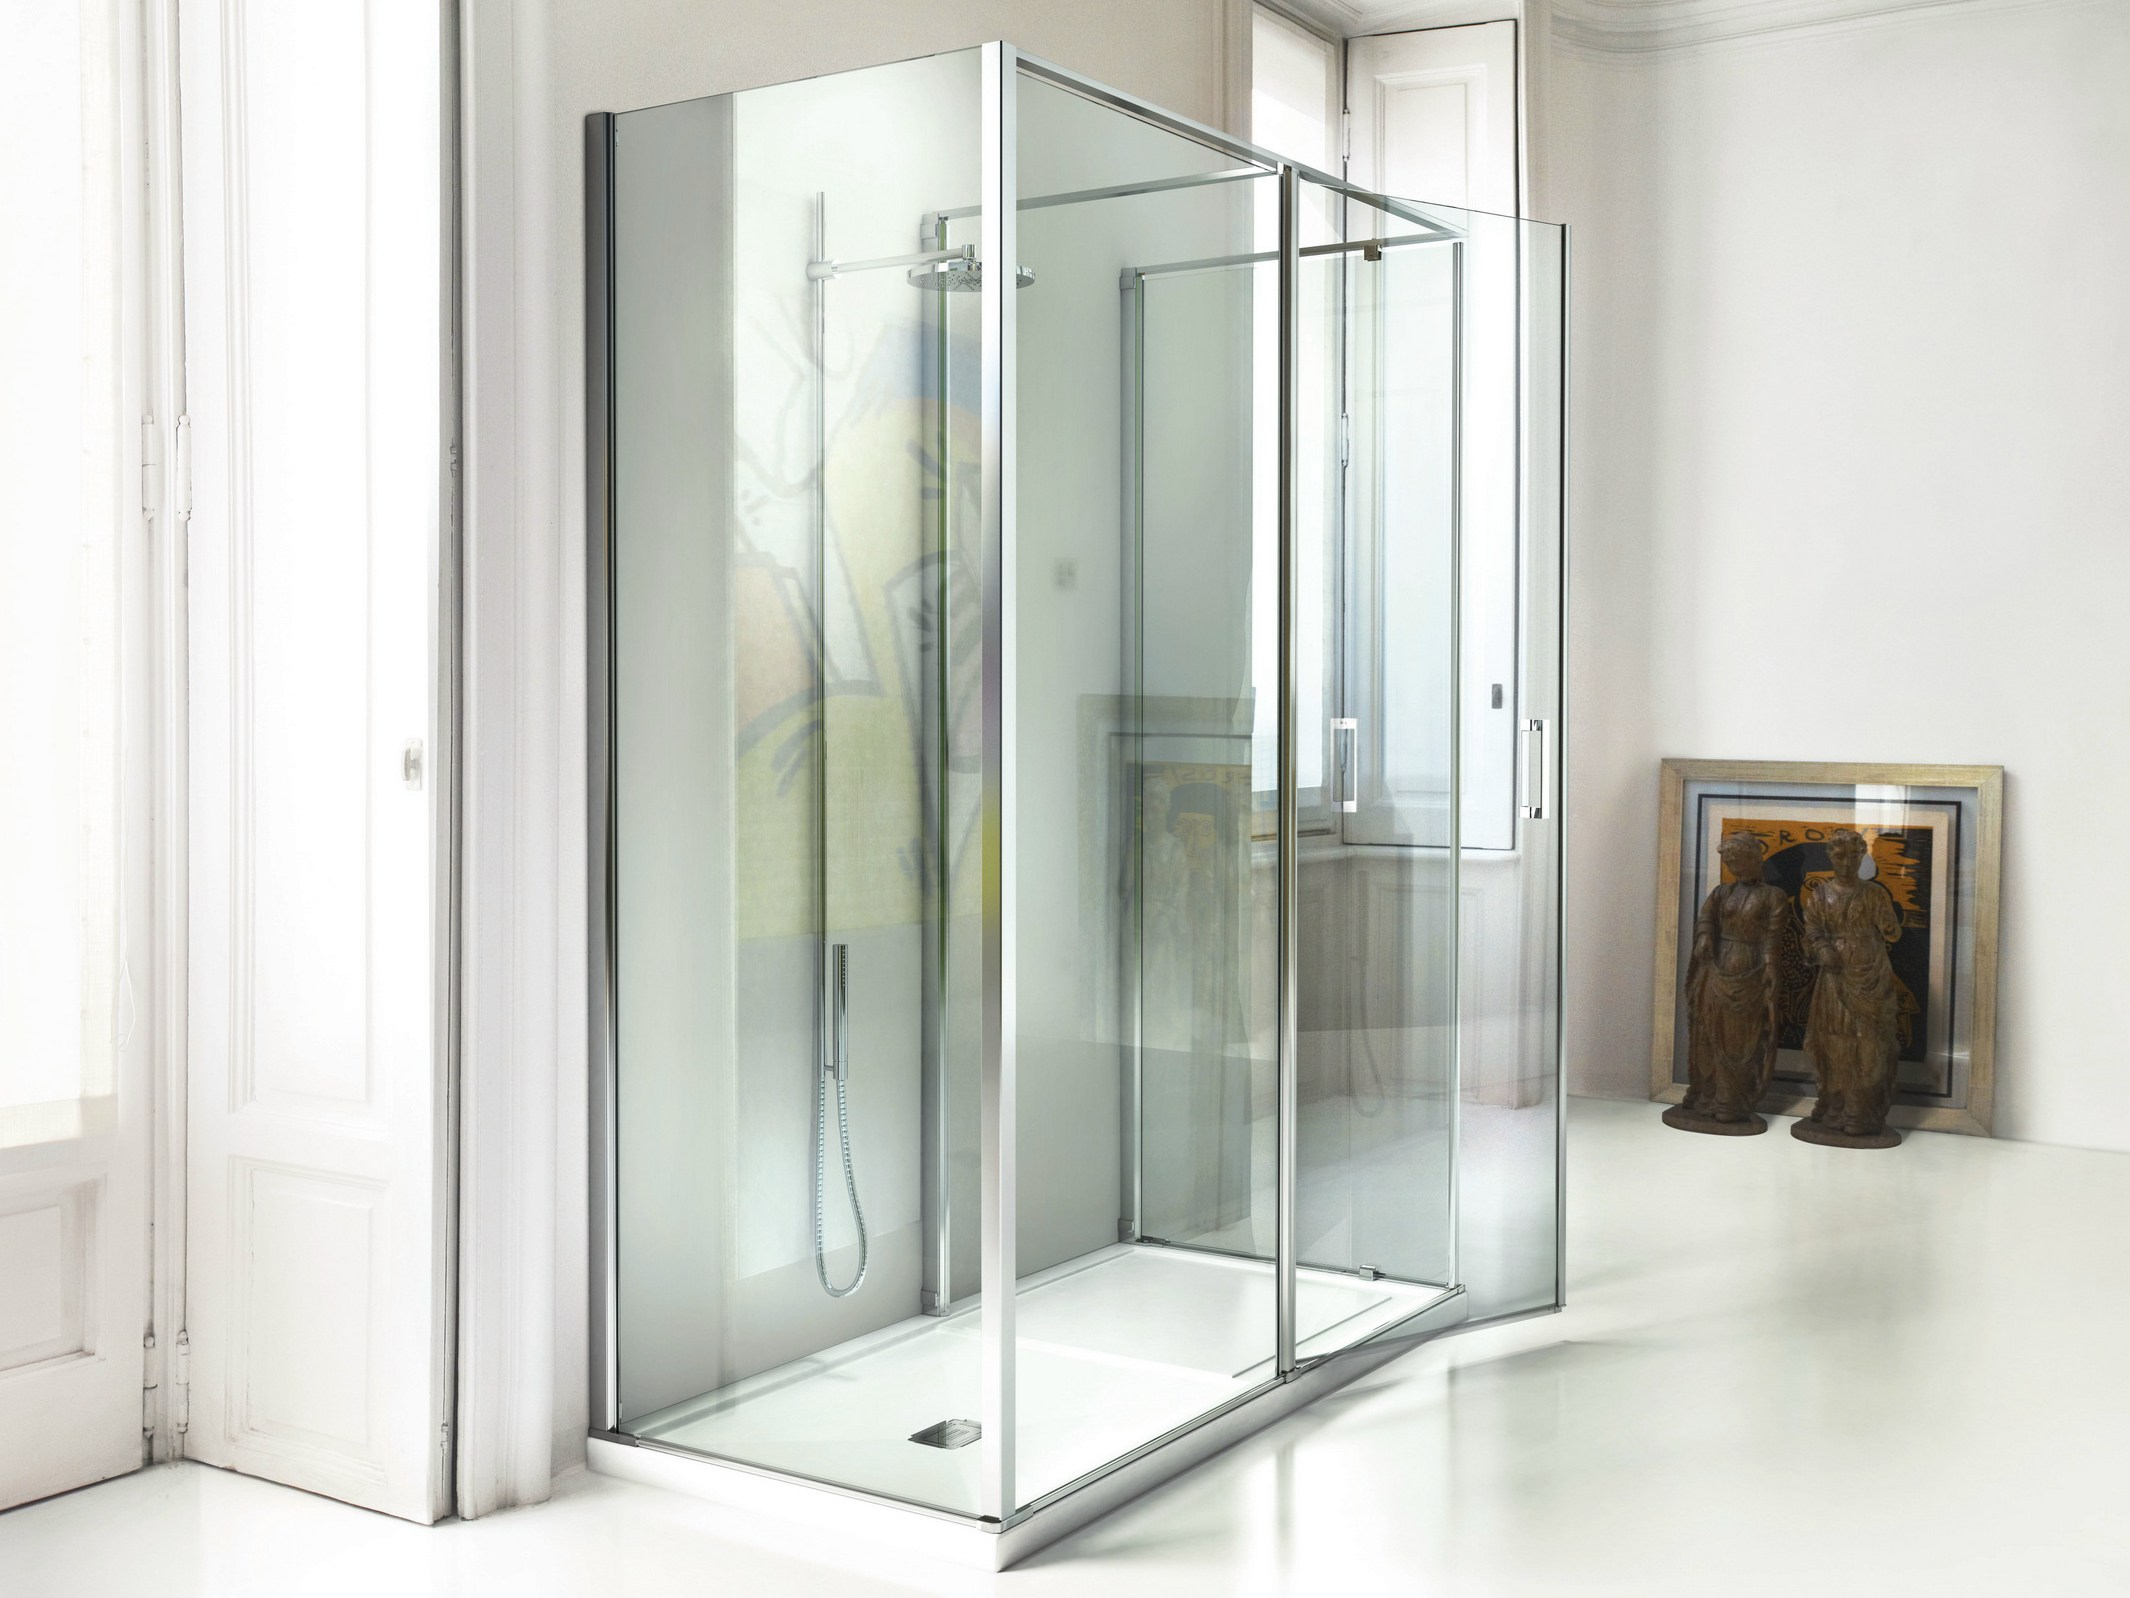 Box doccia su misura in vetro temperato in 3 by vismaravetro design fulvio de nitto centro - Box doccia in vetro prezzi ...